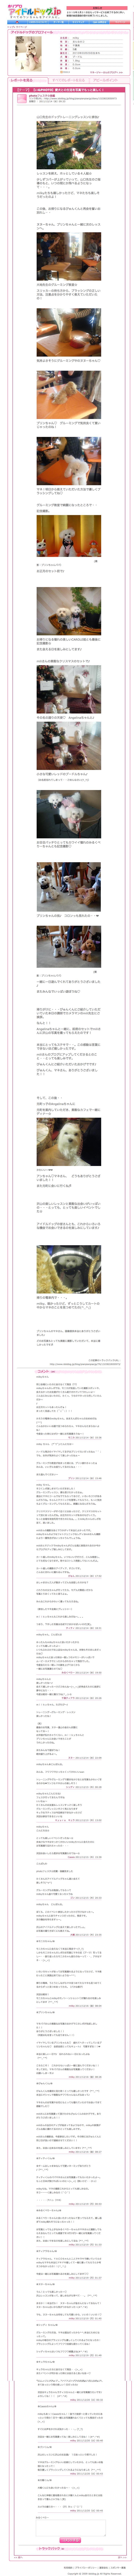 milkyちゃんのphotoフェスタ☆前編